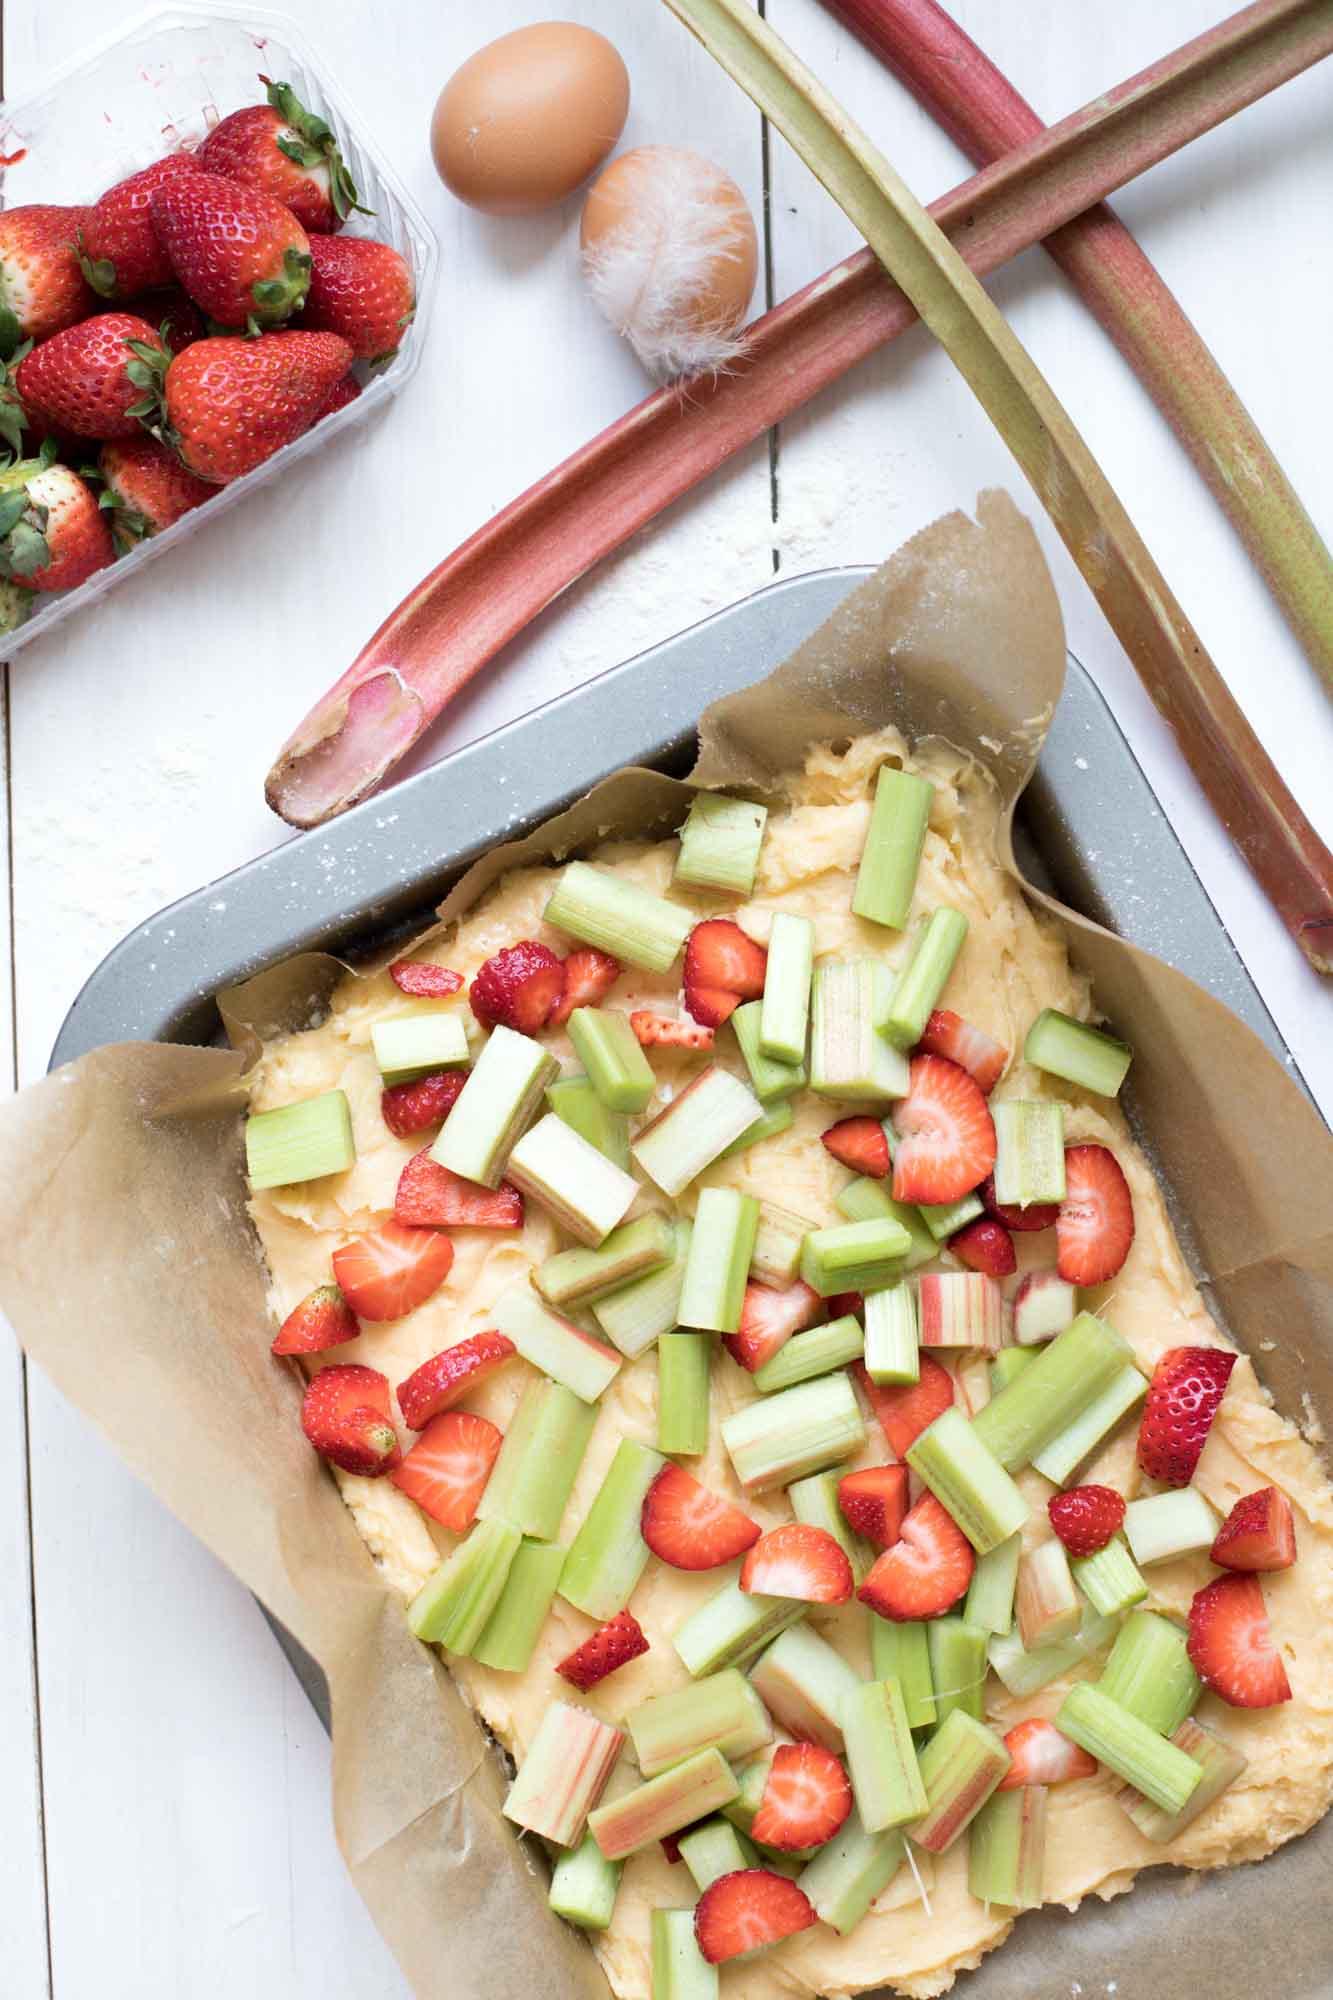 rhabarberkuchen-mit erdbeeren-und-streuseln-backen-3678